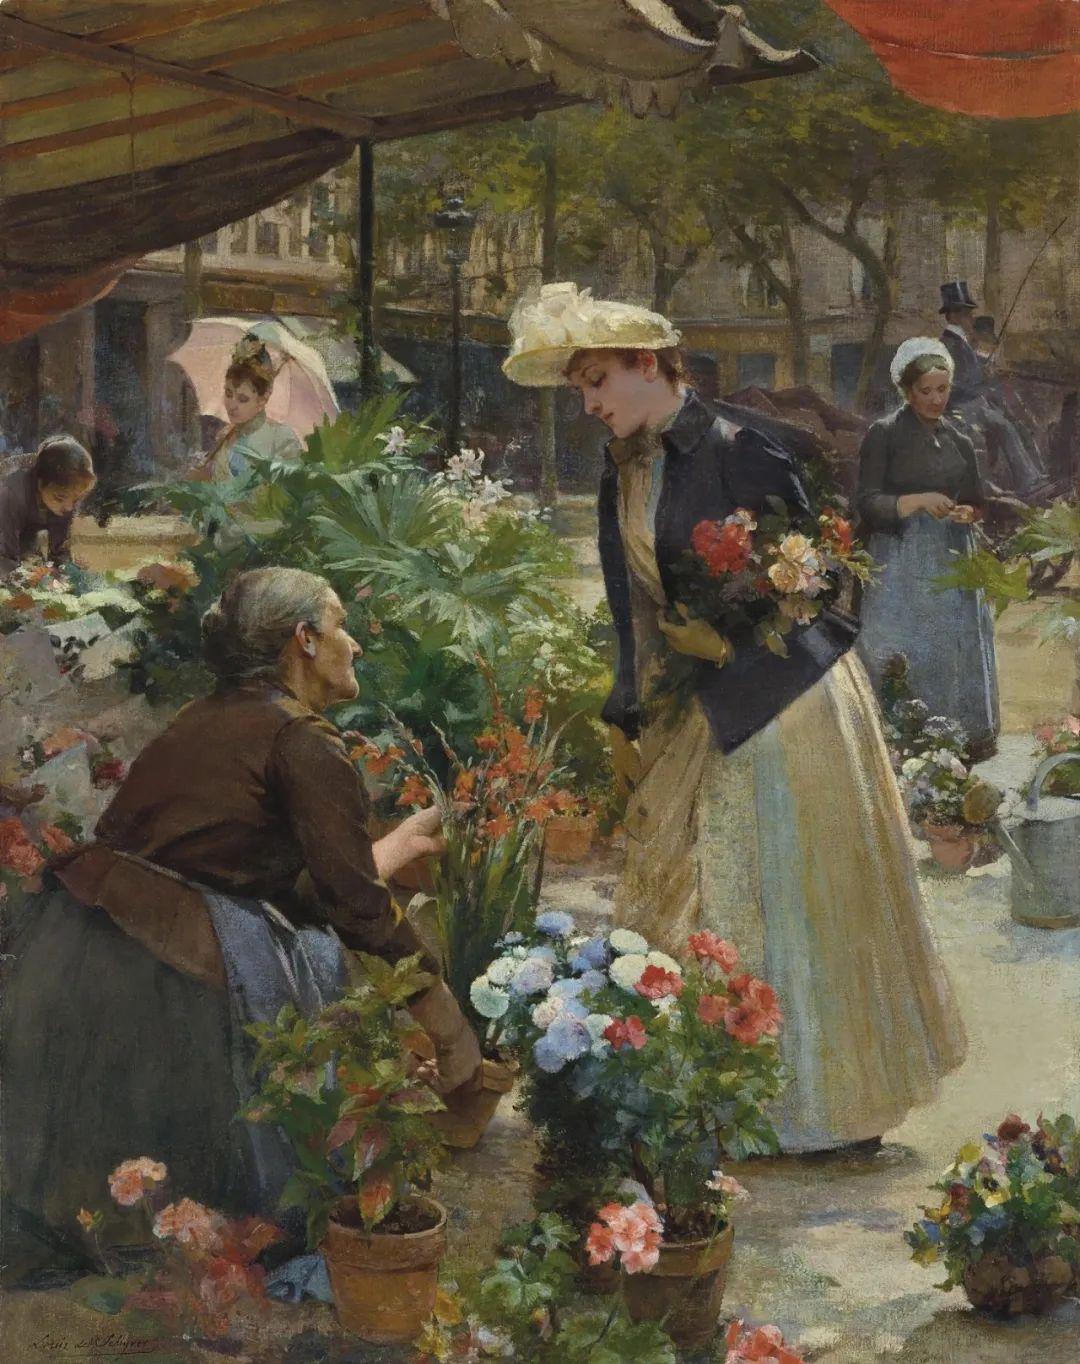 100年多前,她们是这样摆摊卖花的,好美的画面!插图38